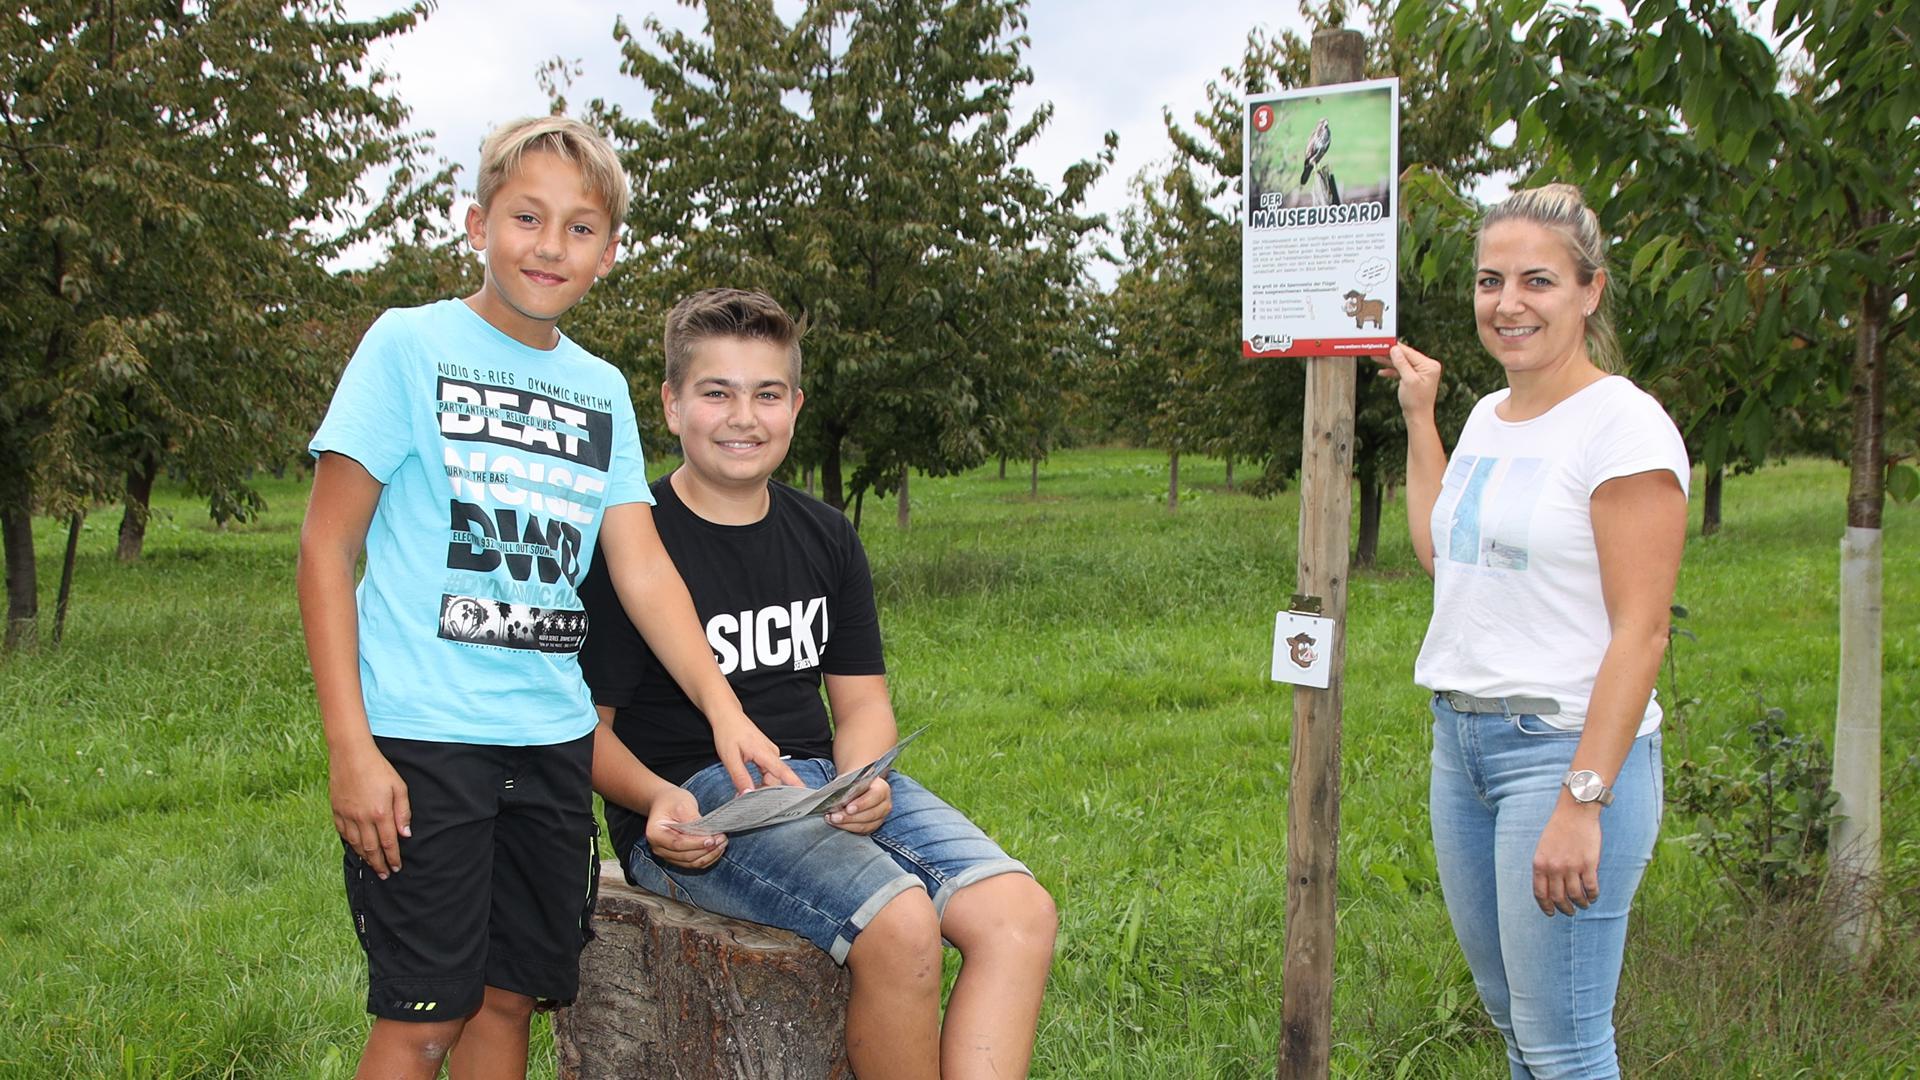 Wildtierpfad in Mösbach neu angelegt mit interaktiven Aktionen